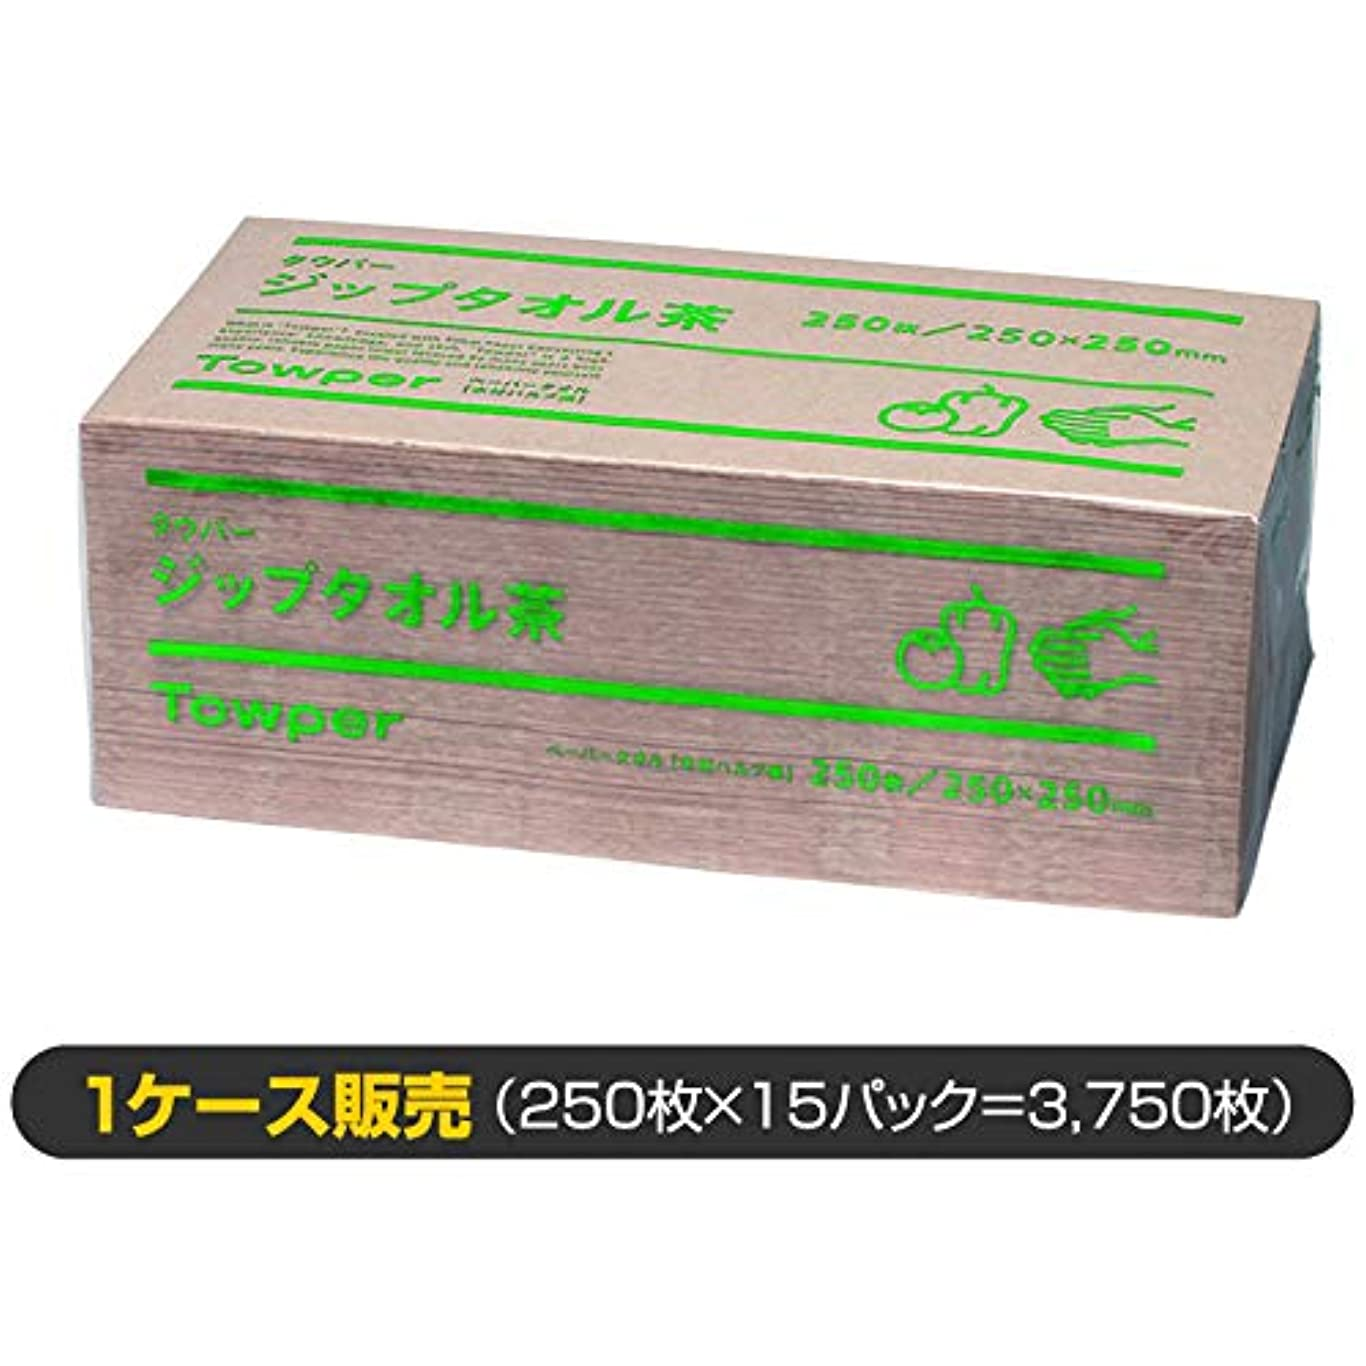 受け入れた壊滅的なカセットペーパータオル ジップタオル(茶) /1ケース販売(清潔キレイ館/大判サイズ用)